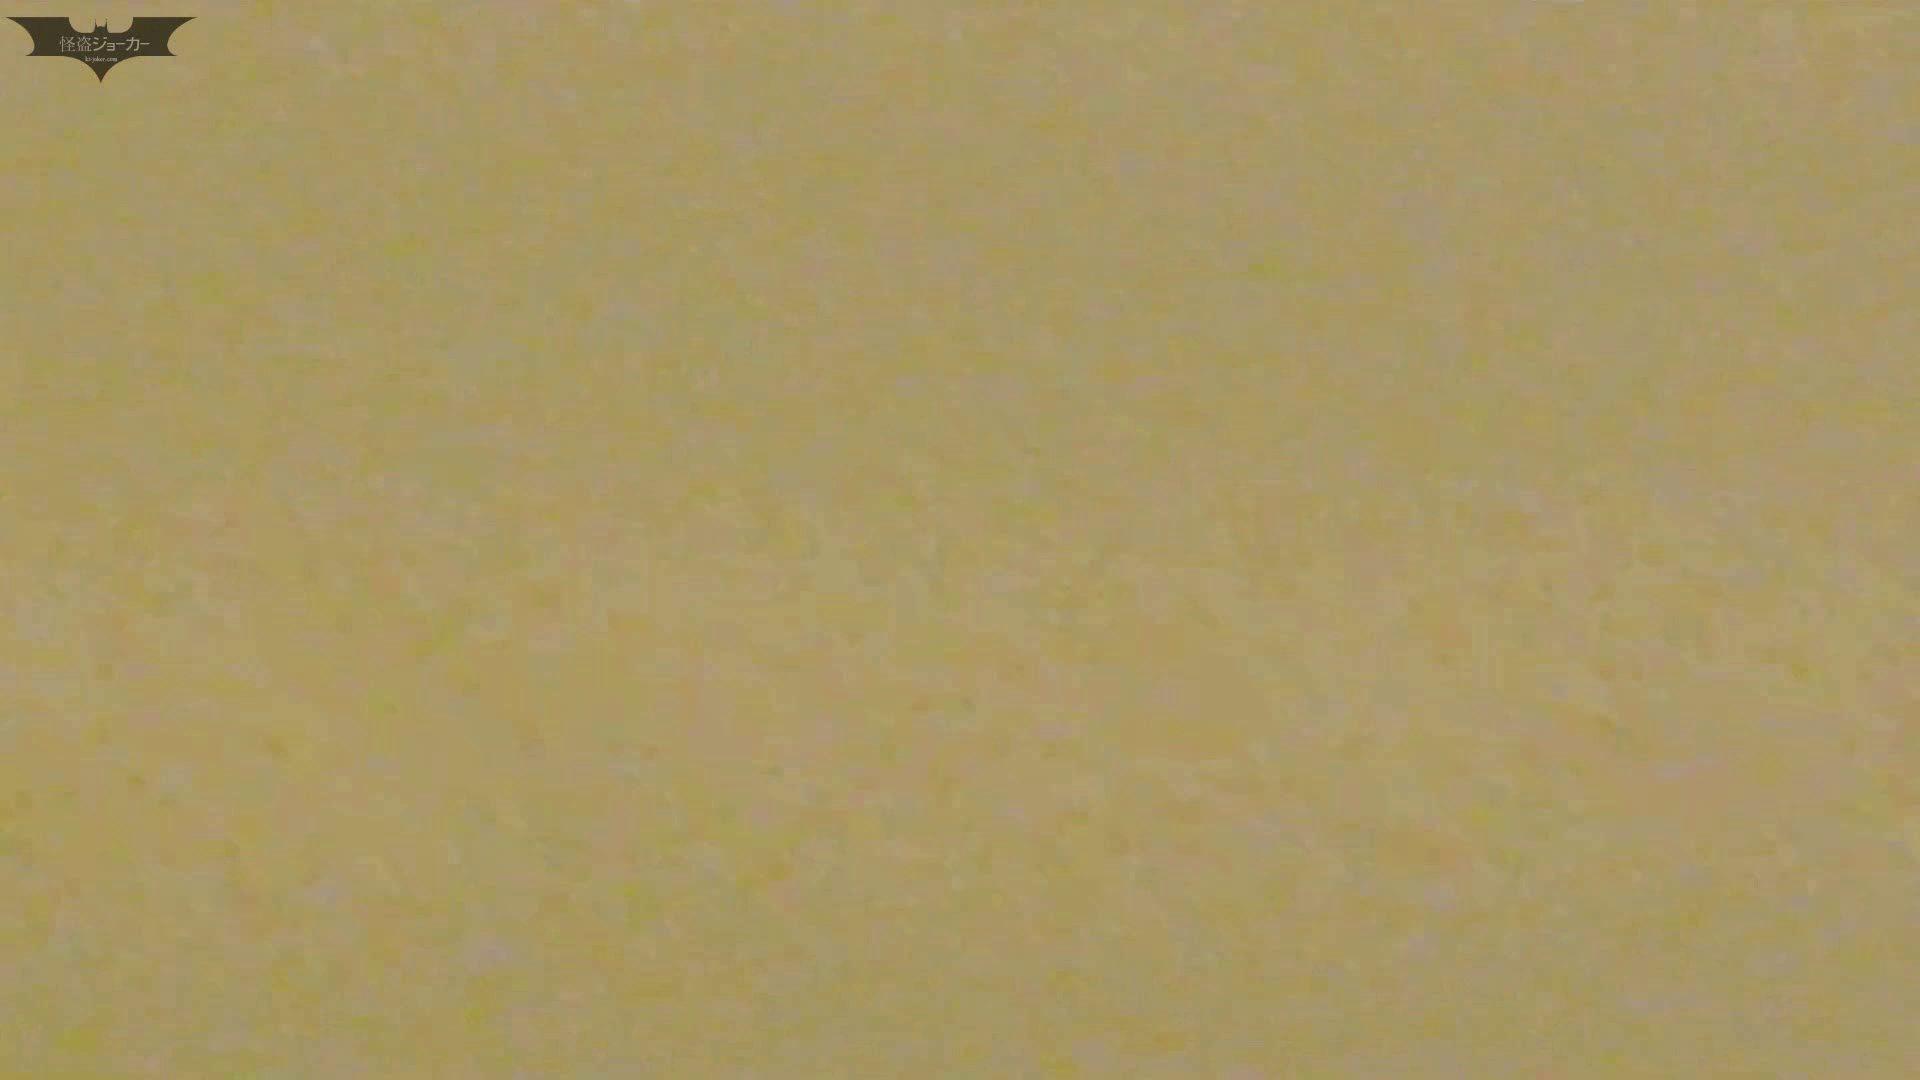 新世界の射窓 No64日本ギャル登場か?ハイヒール大特集! 洗面所着替え   ギャル・コレクション  95連発 5